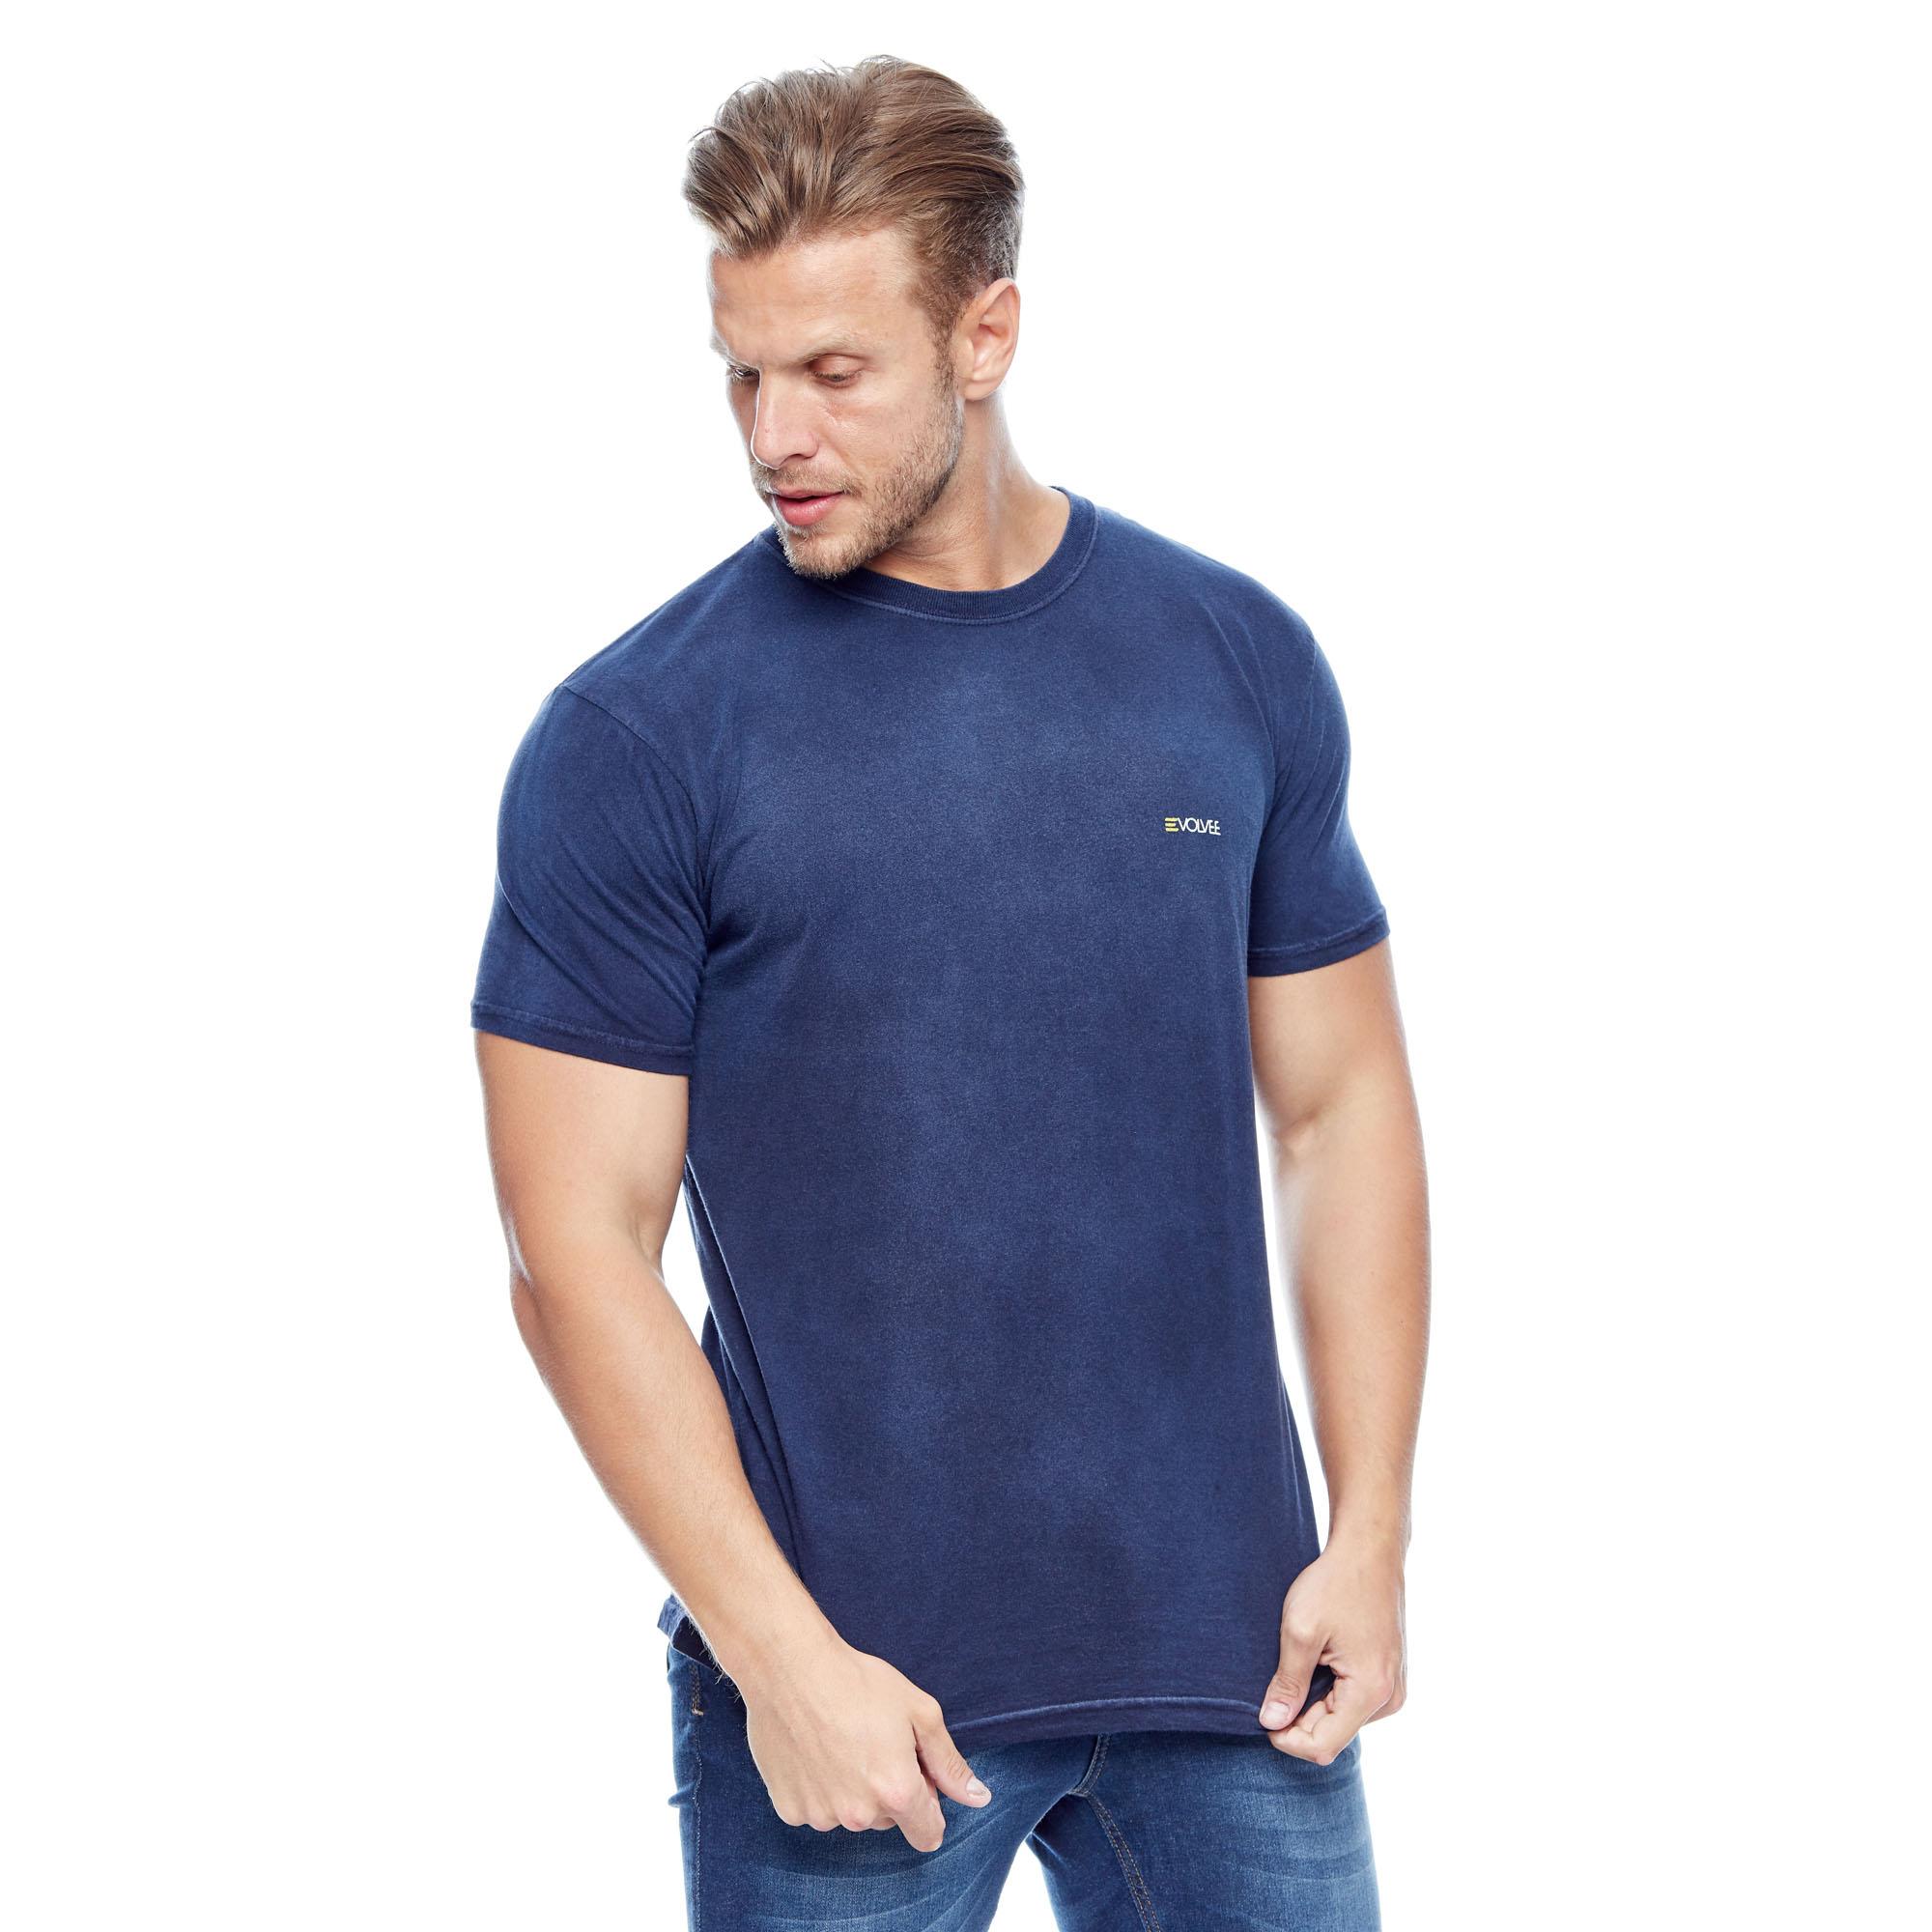 Camiseta Evolvee Básica Used Total Masculina